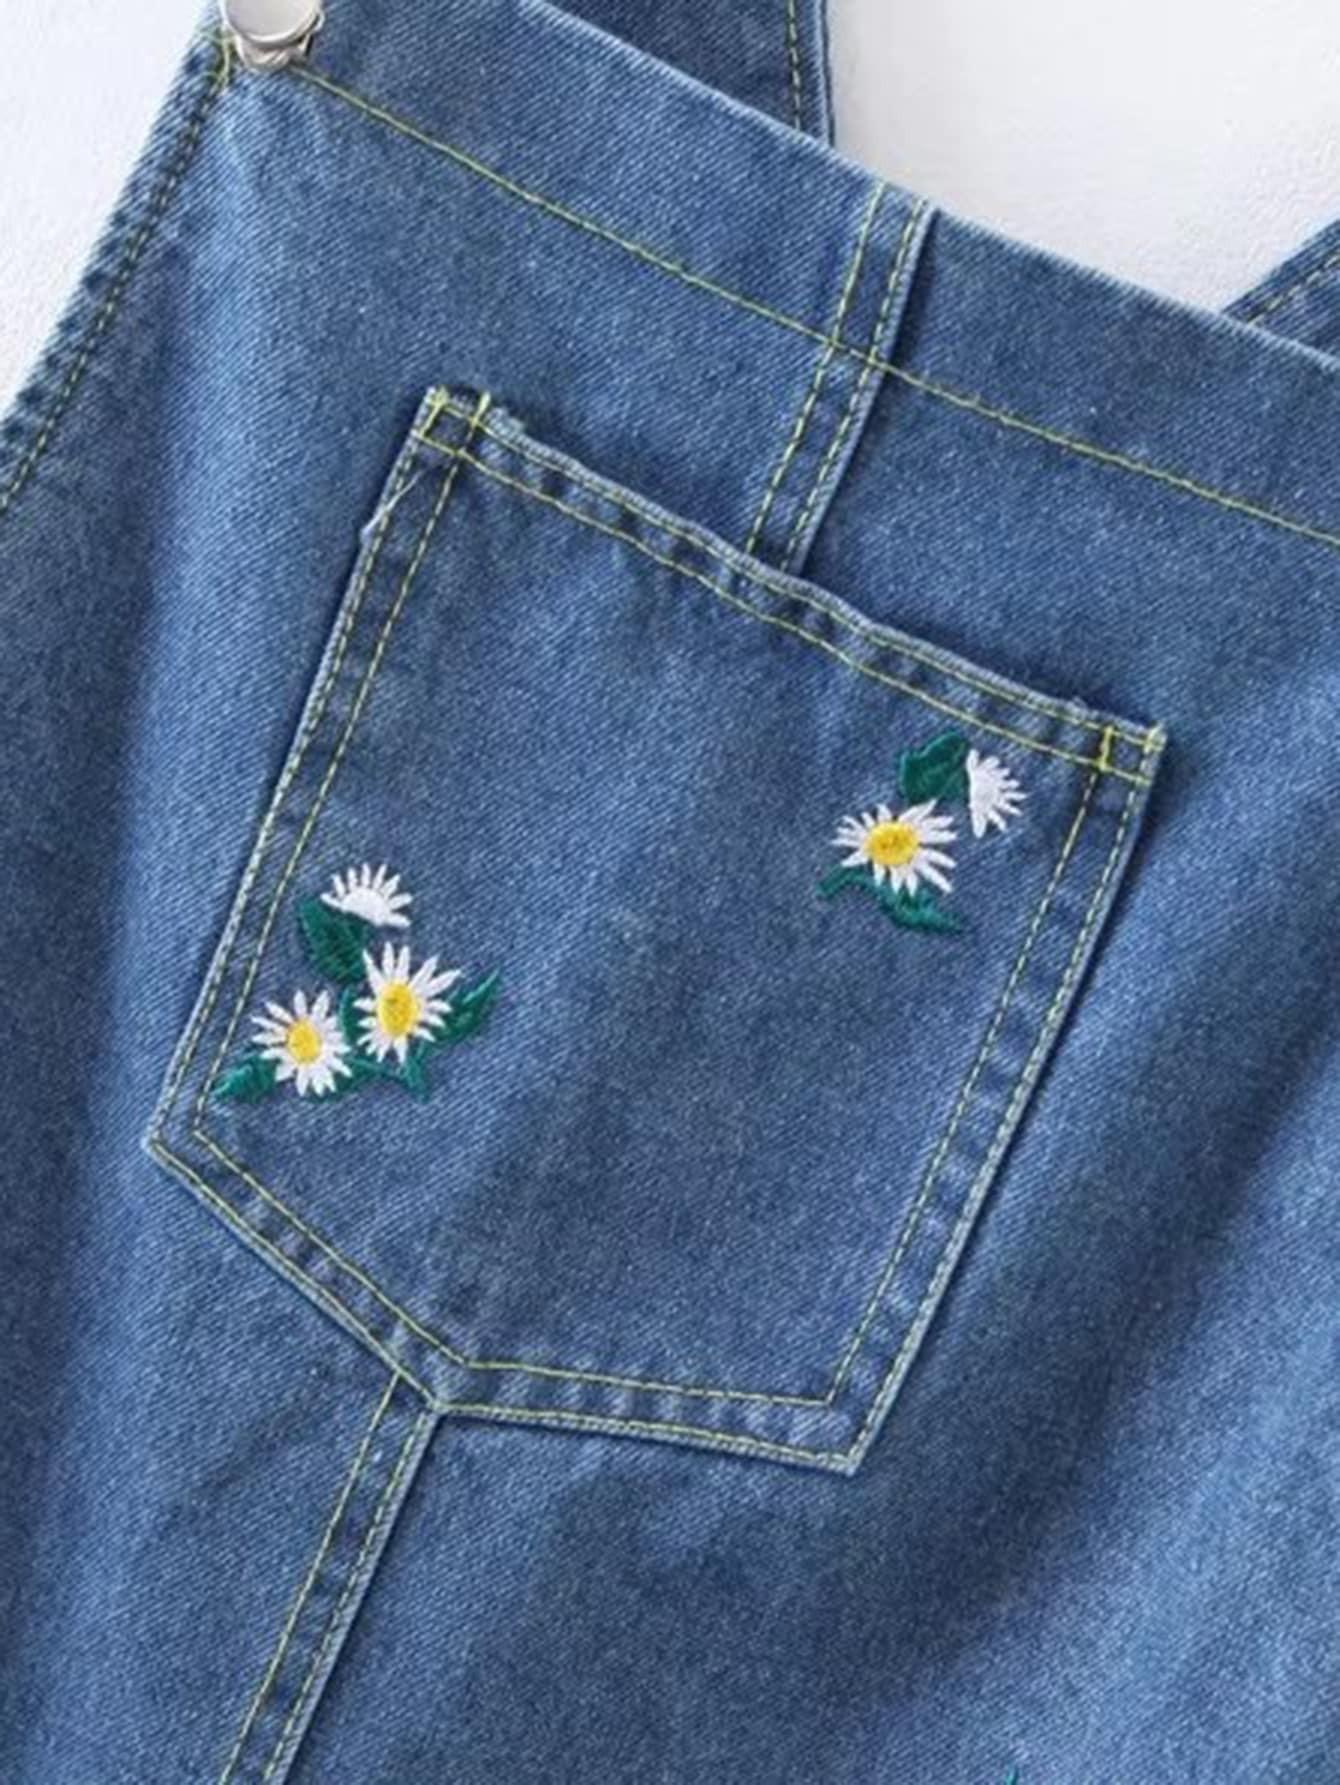 robe en jeans brod fleur french romwe. Black Bedroom Furniture Sets. Home Design Ideas